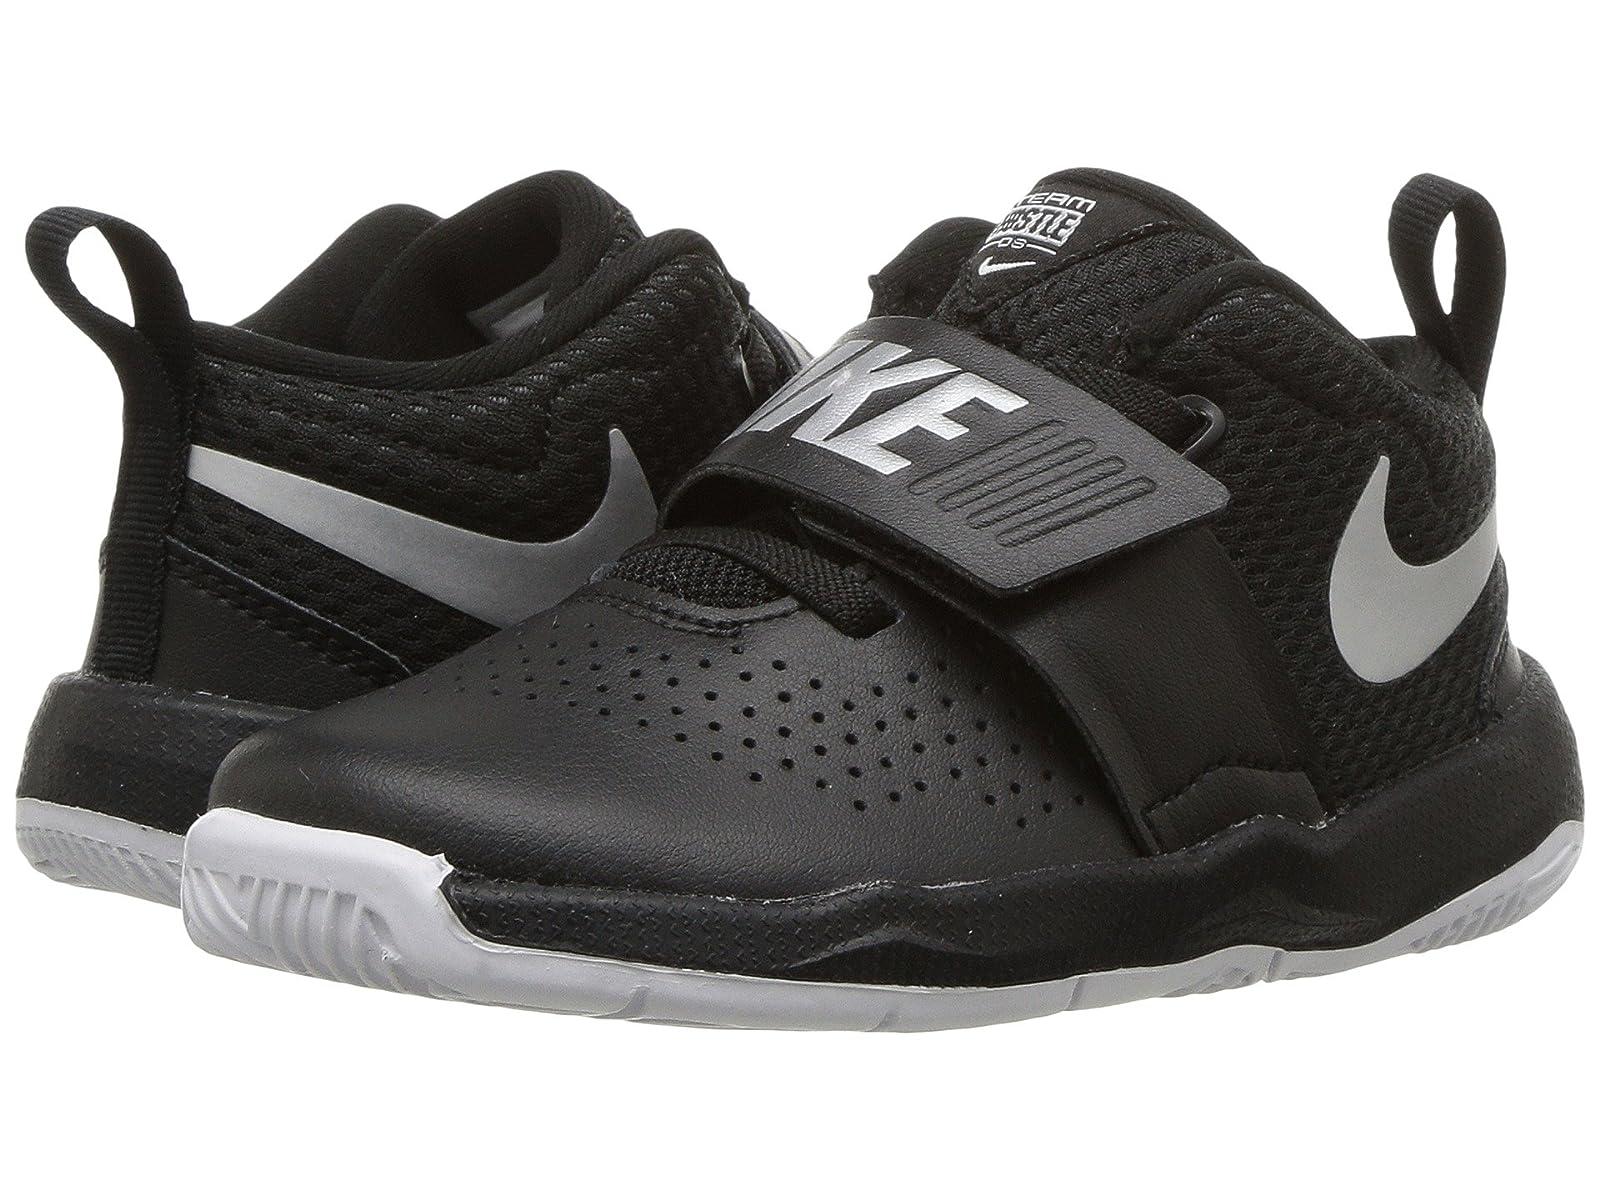 Nike Kids Team Hustle D8 (Infant/Toddler)Atmospheric grades have affordable shoes